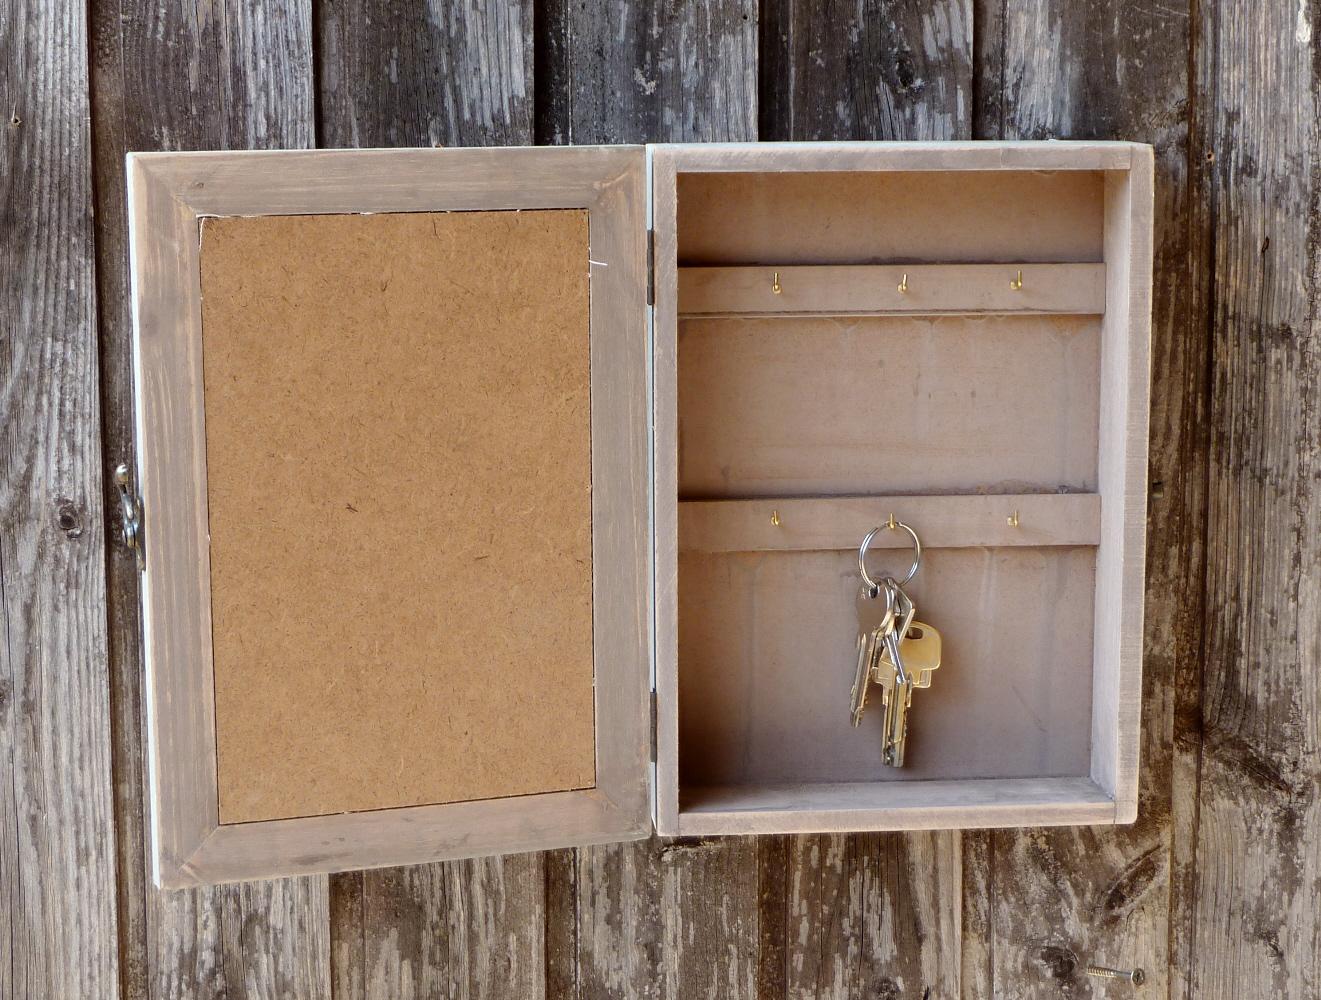 Schlüsselkasten Aus Holz : schl sselkasten aus holz shabby chic landhaus vintage 21x28x6cm ebay ~ Frokenaadalensverden.com Haus und Dekorationen